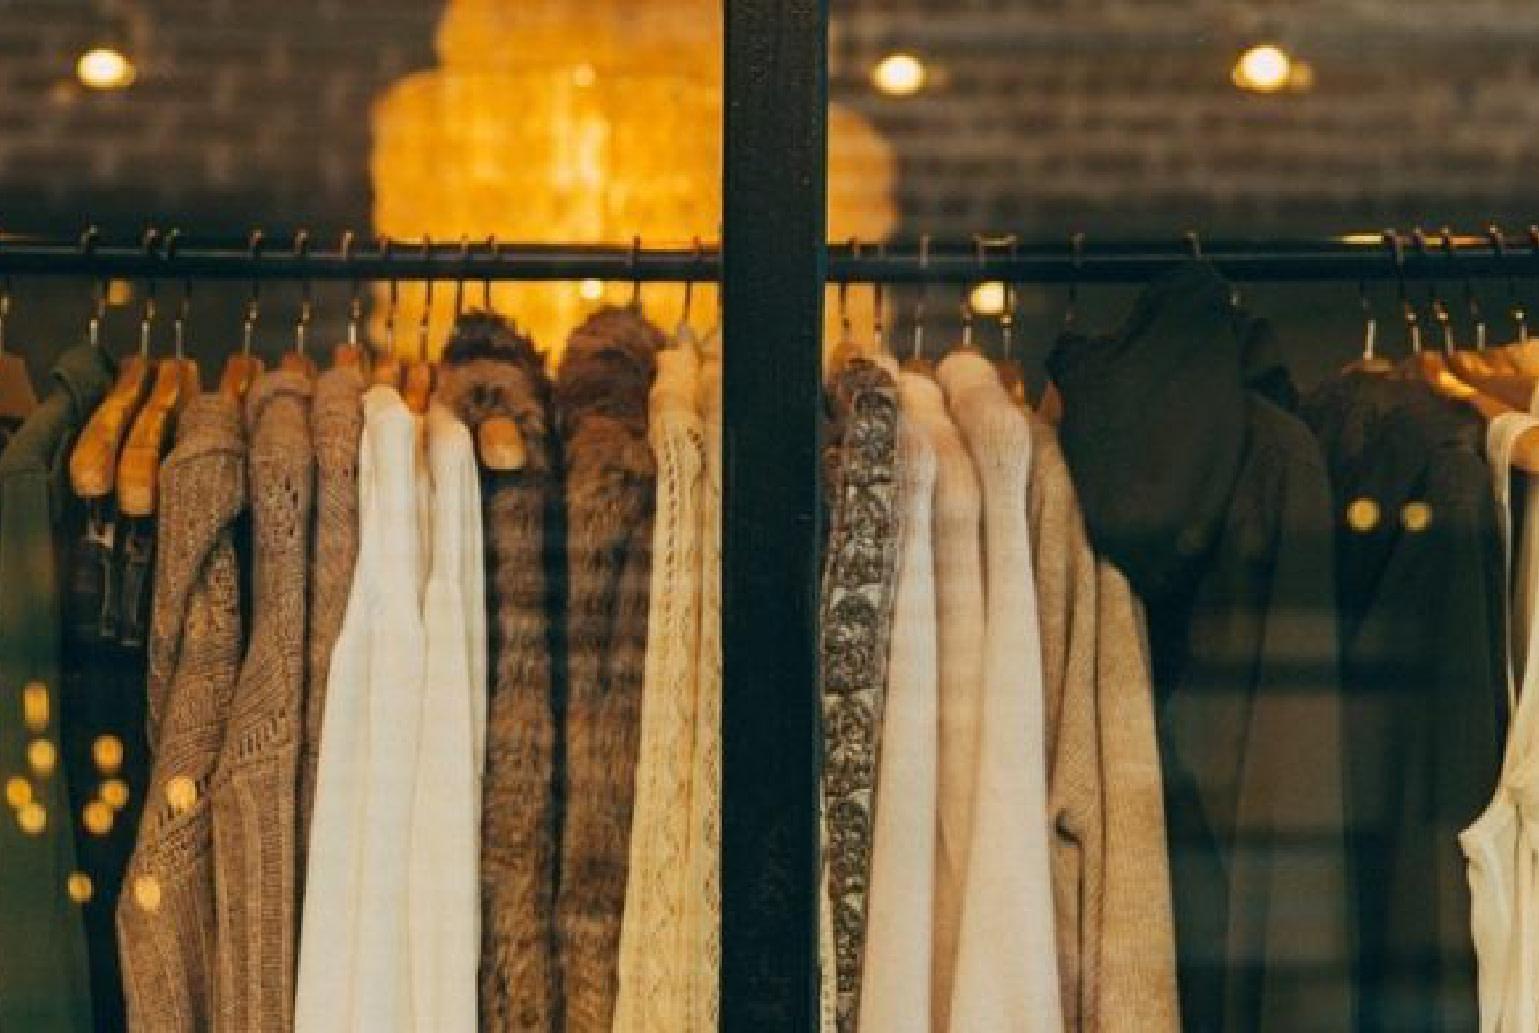 Vêtements suspendus